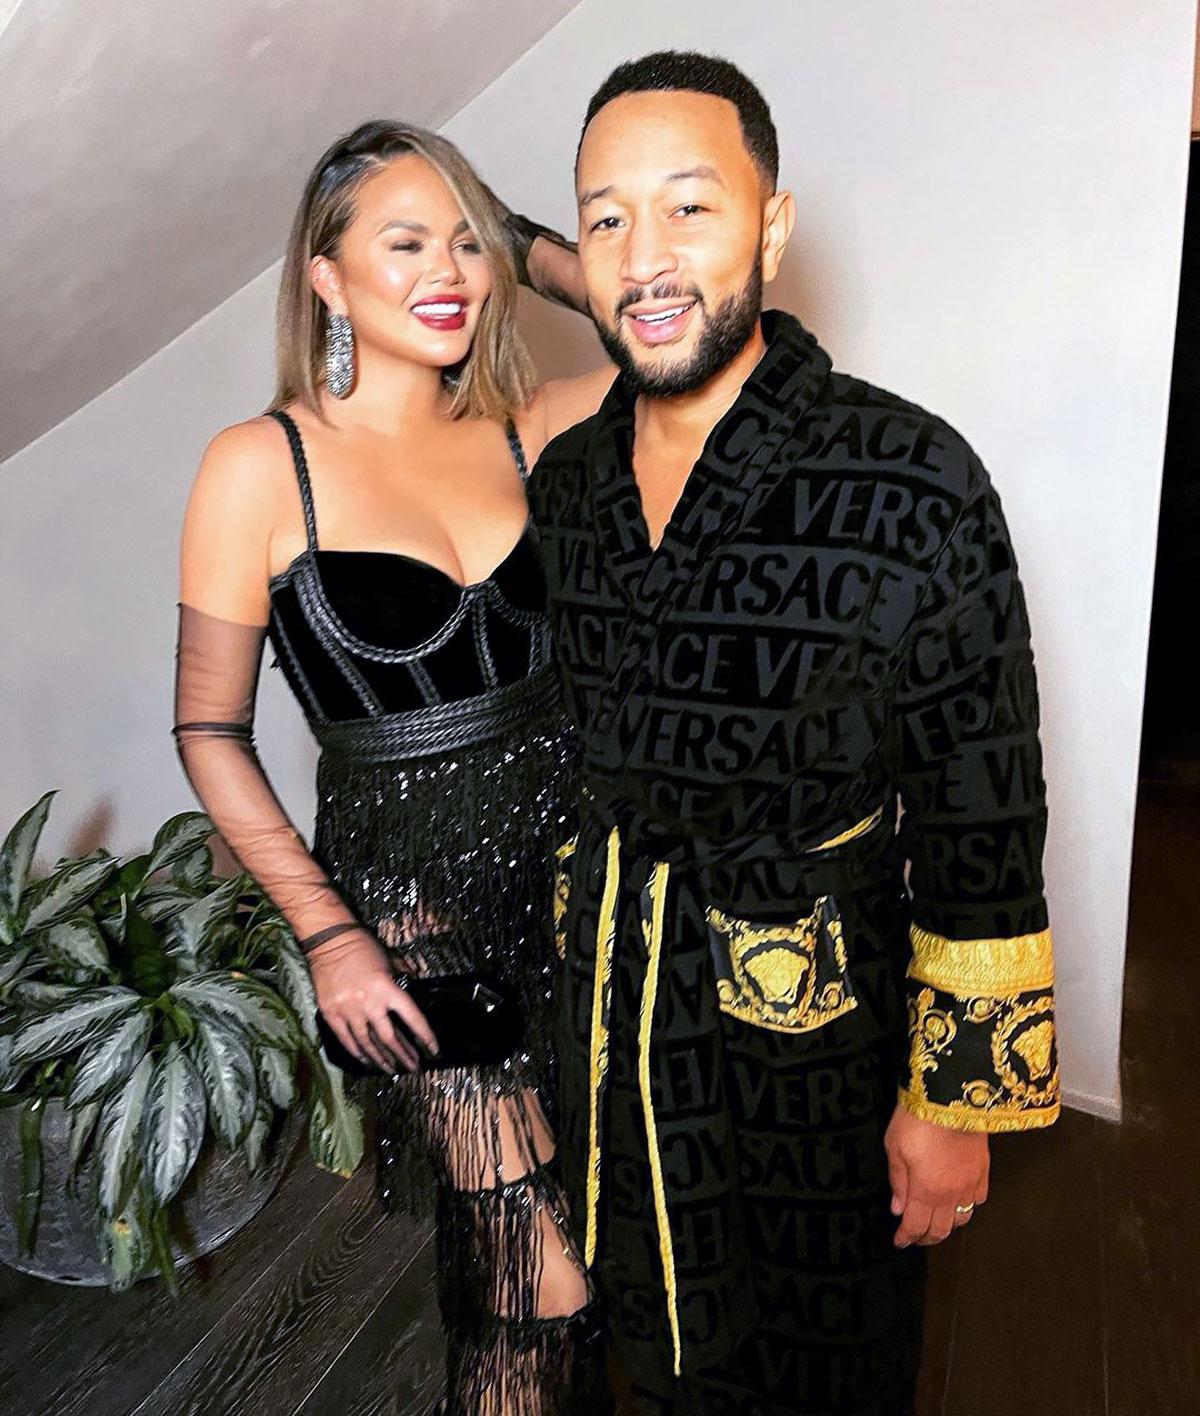 Grammys 2021: Chrissy Teigen Jokingly Calls Out John Legend Speech